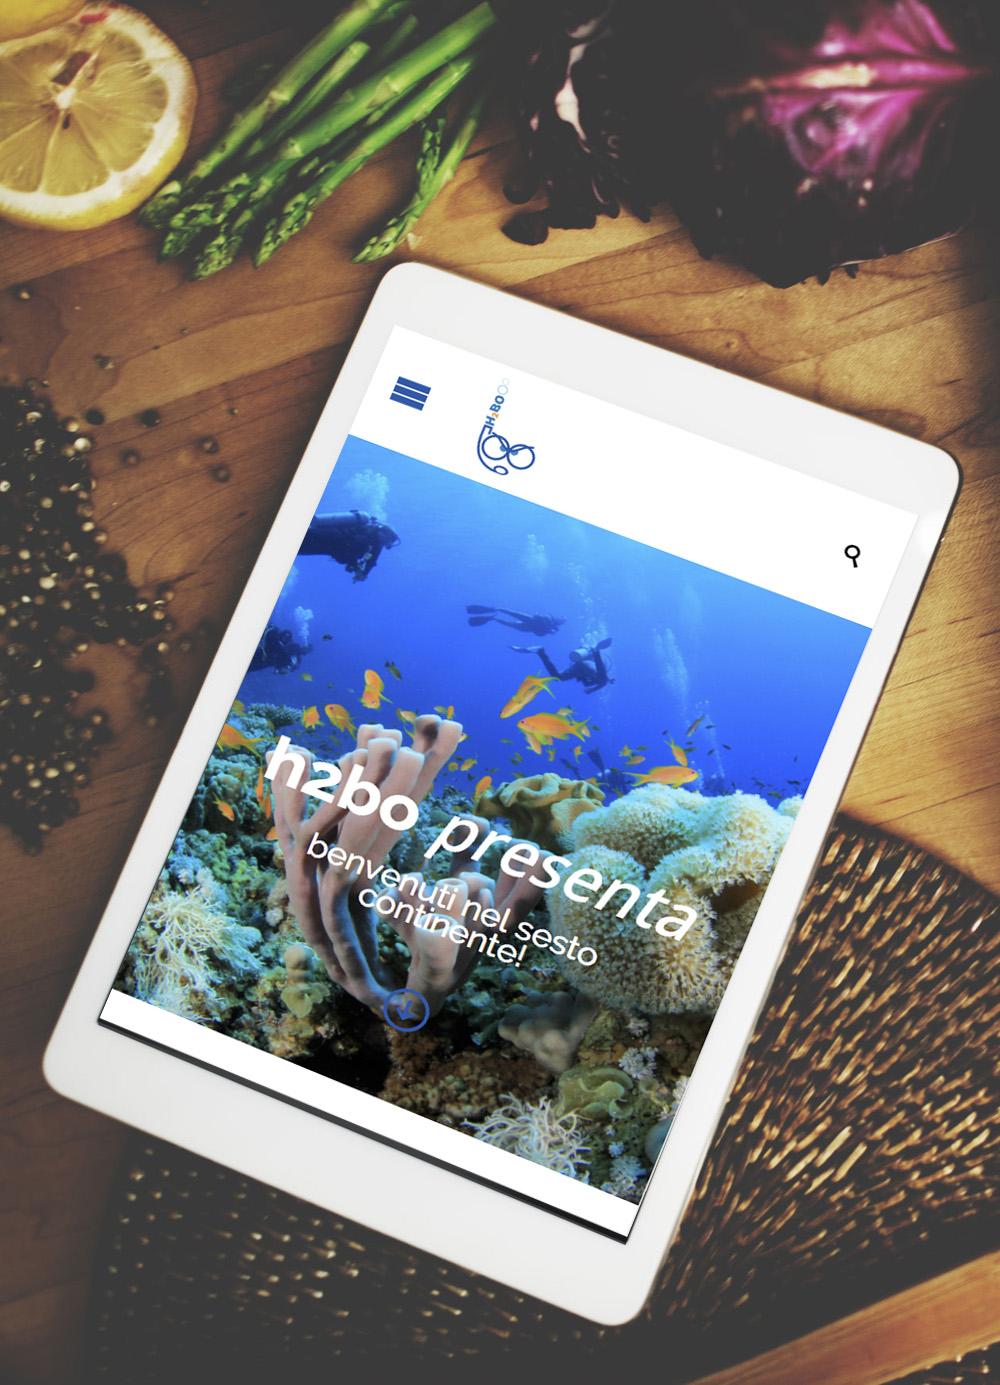 sito-h2bo-associazione-sportiva-subacquea-bologna-ideavale-agenzia-pubblicità